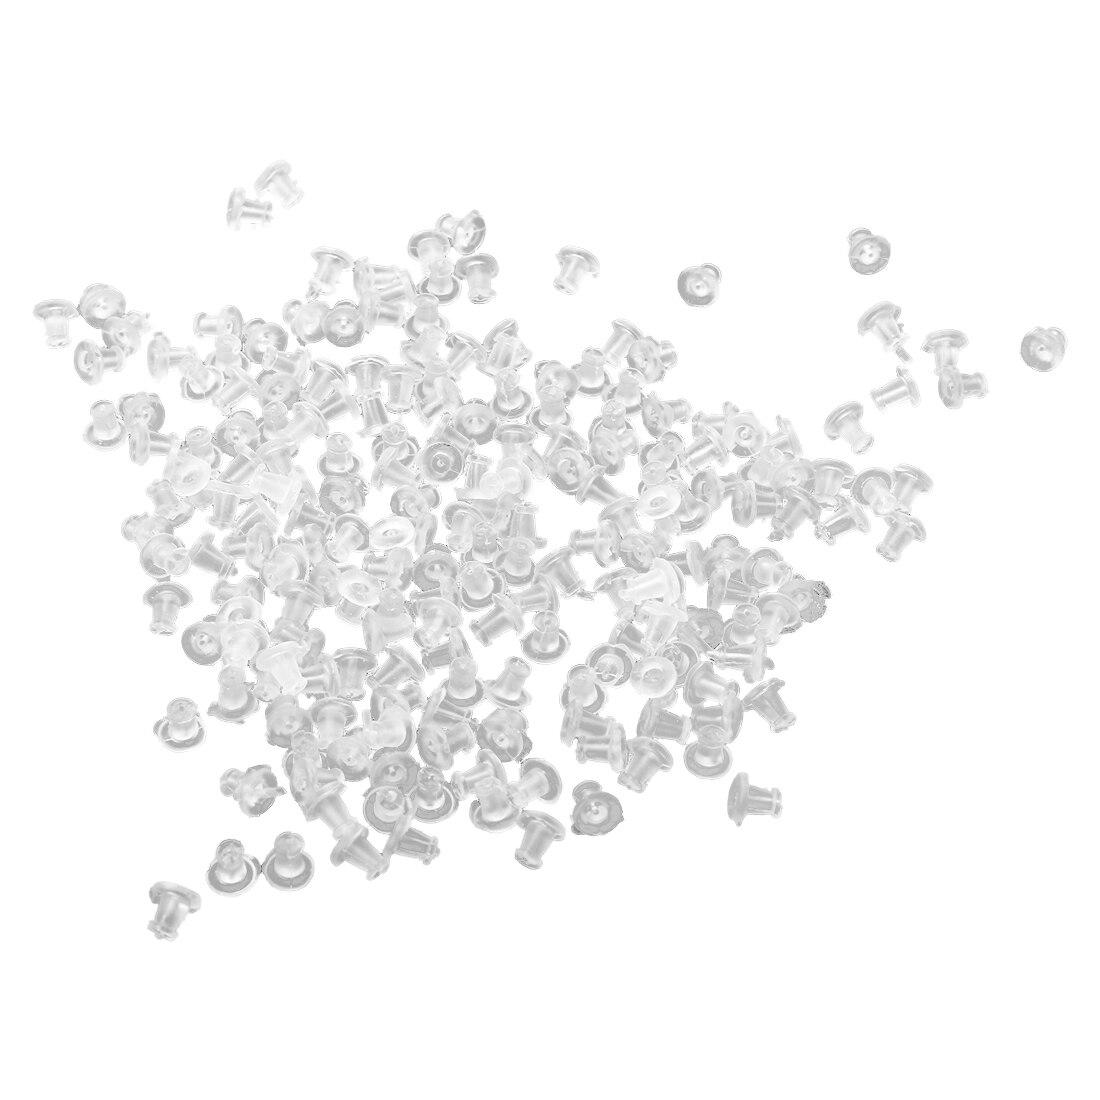 200 Pcs Plastic Earrings Closure 5 Mm